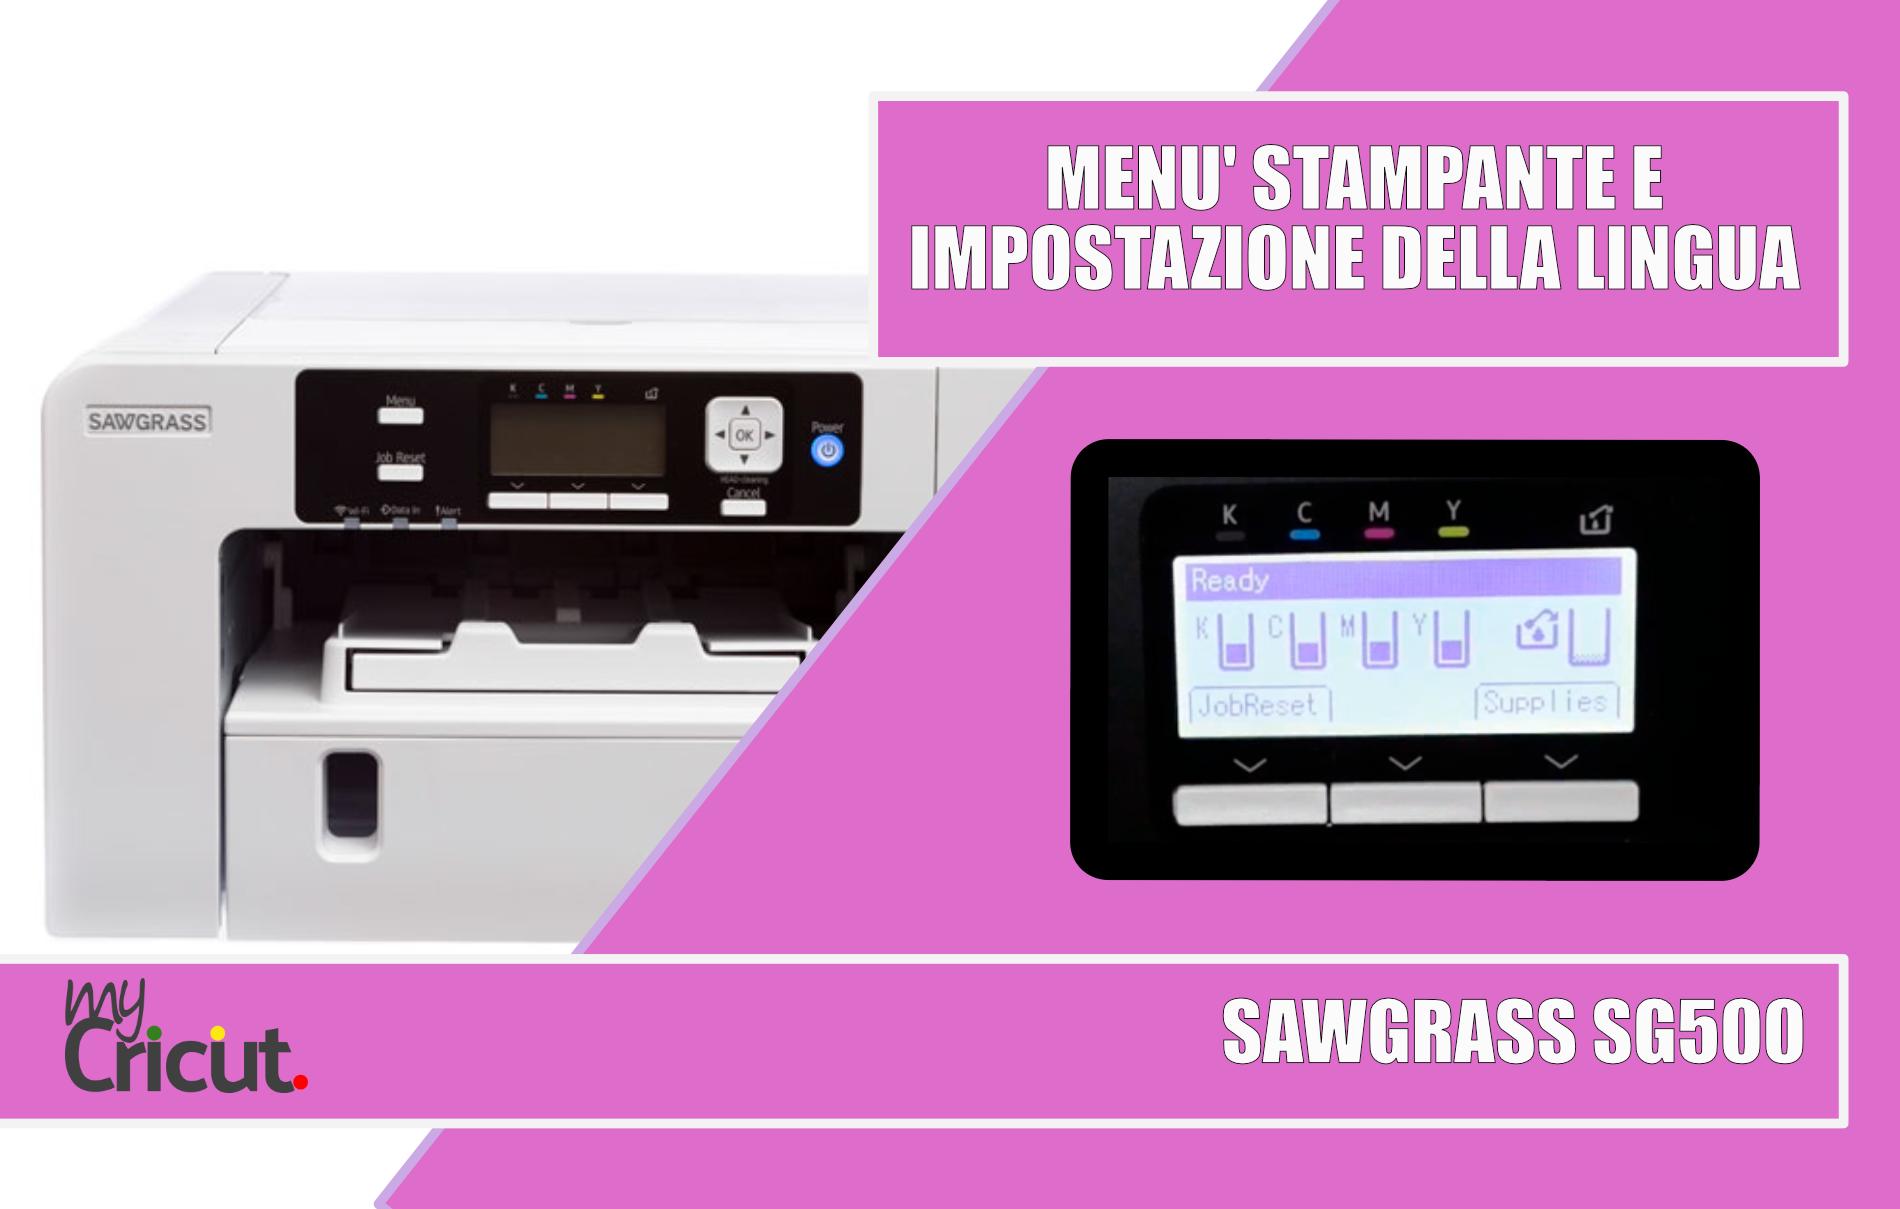 miglior stampante sublimazione sawgrass sg500